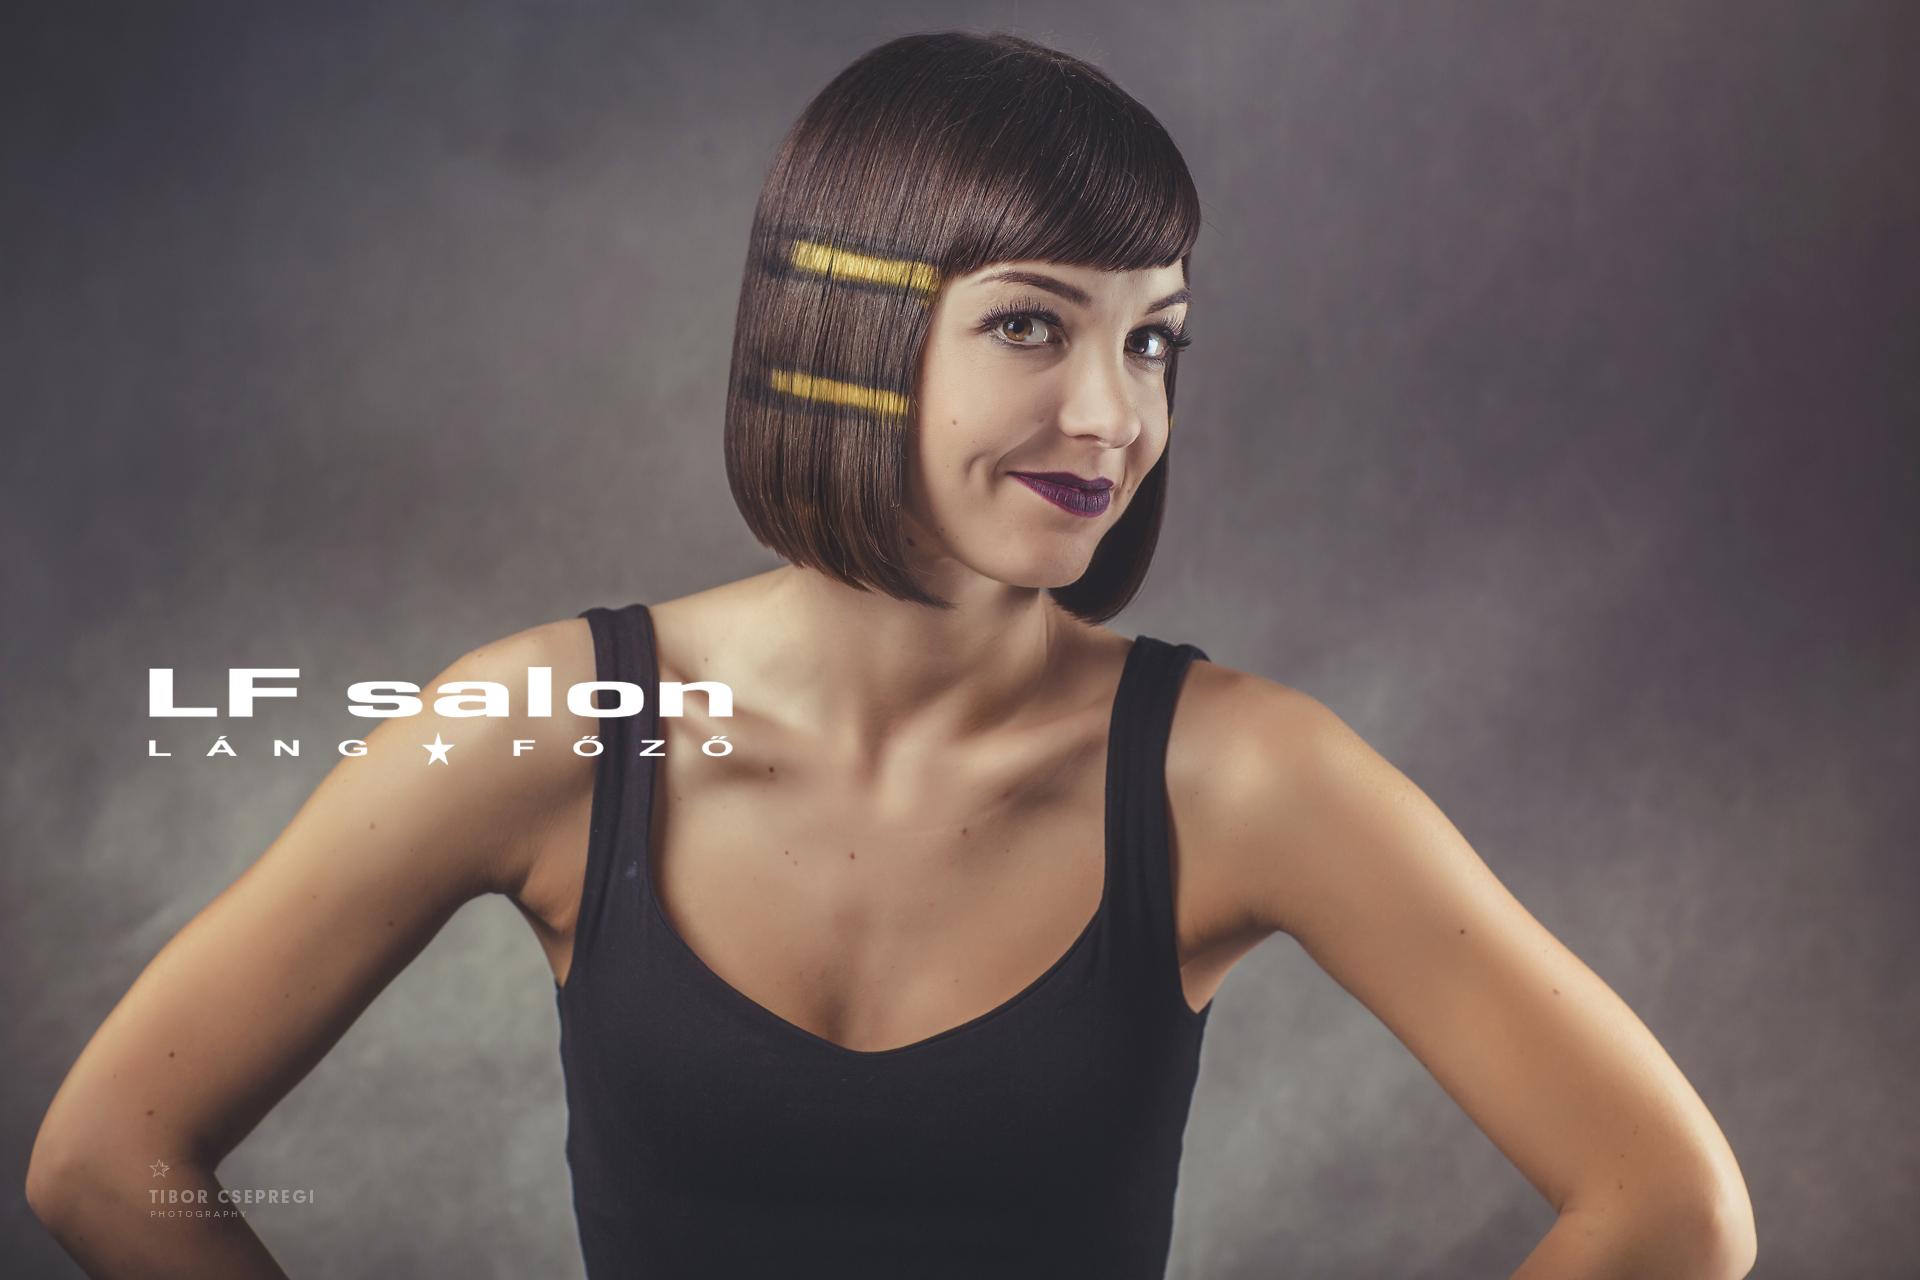 Mondj búcsút a töredezett hajvégeknek!<br /> Számolj le a fénytelen, fakó hajszínnel!<br /> Szabadulj meg a haj- és fejbőr problémáktól!<br /> <br /> Van megoldás! Gyere el az LF Salon Nyílt Napjára április 16-ra!